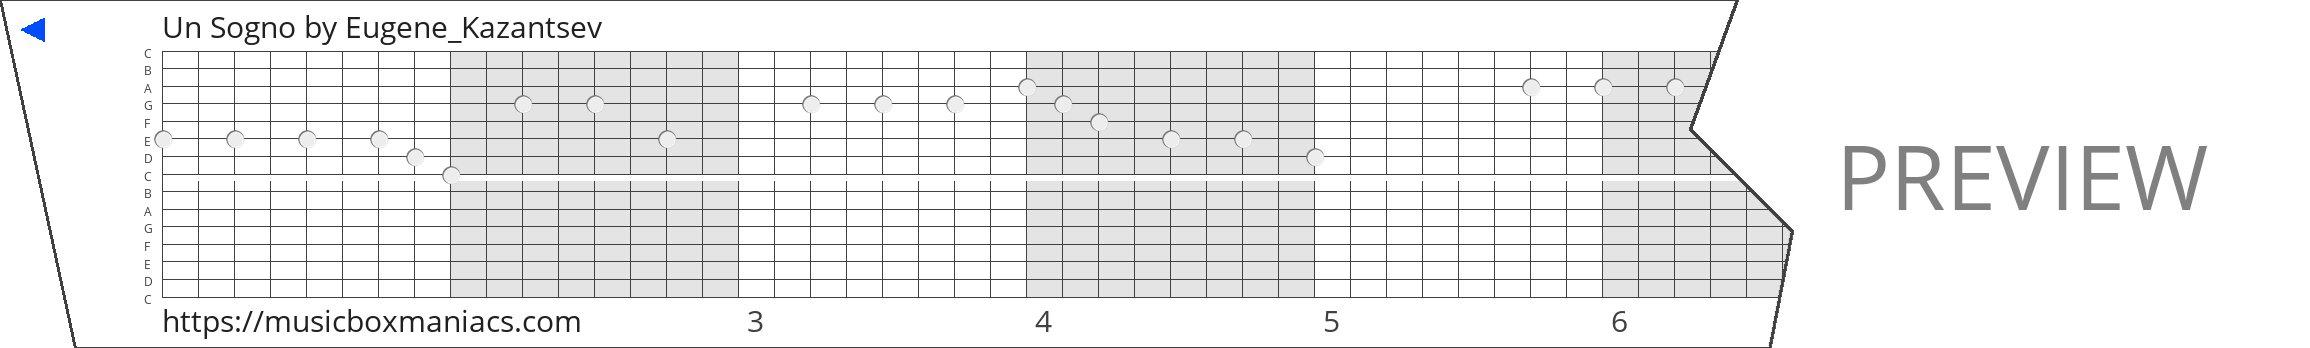 Un Sogno 15 note music box paper strip